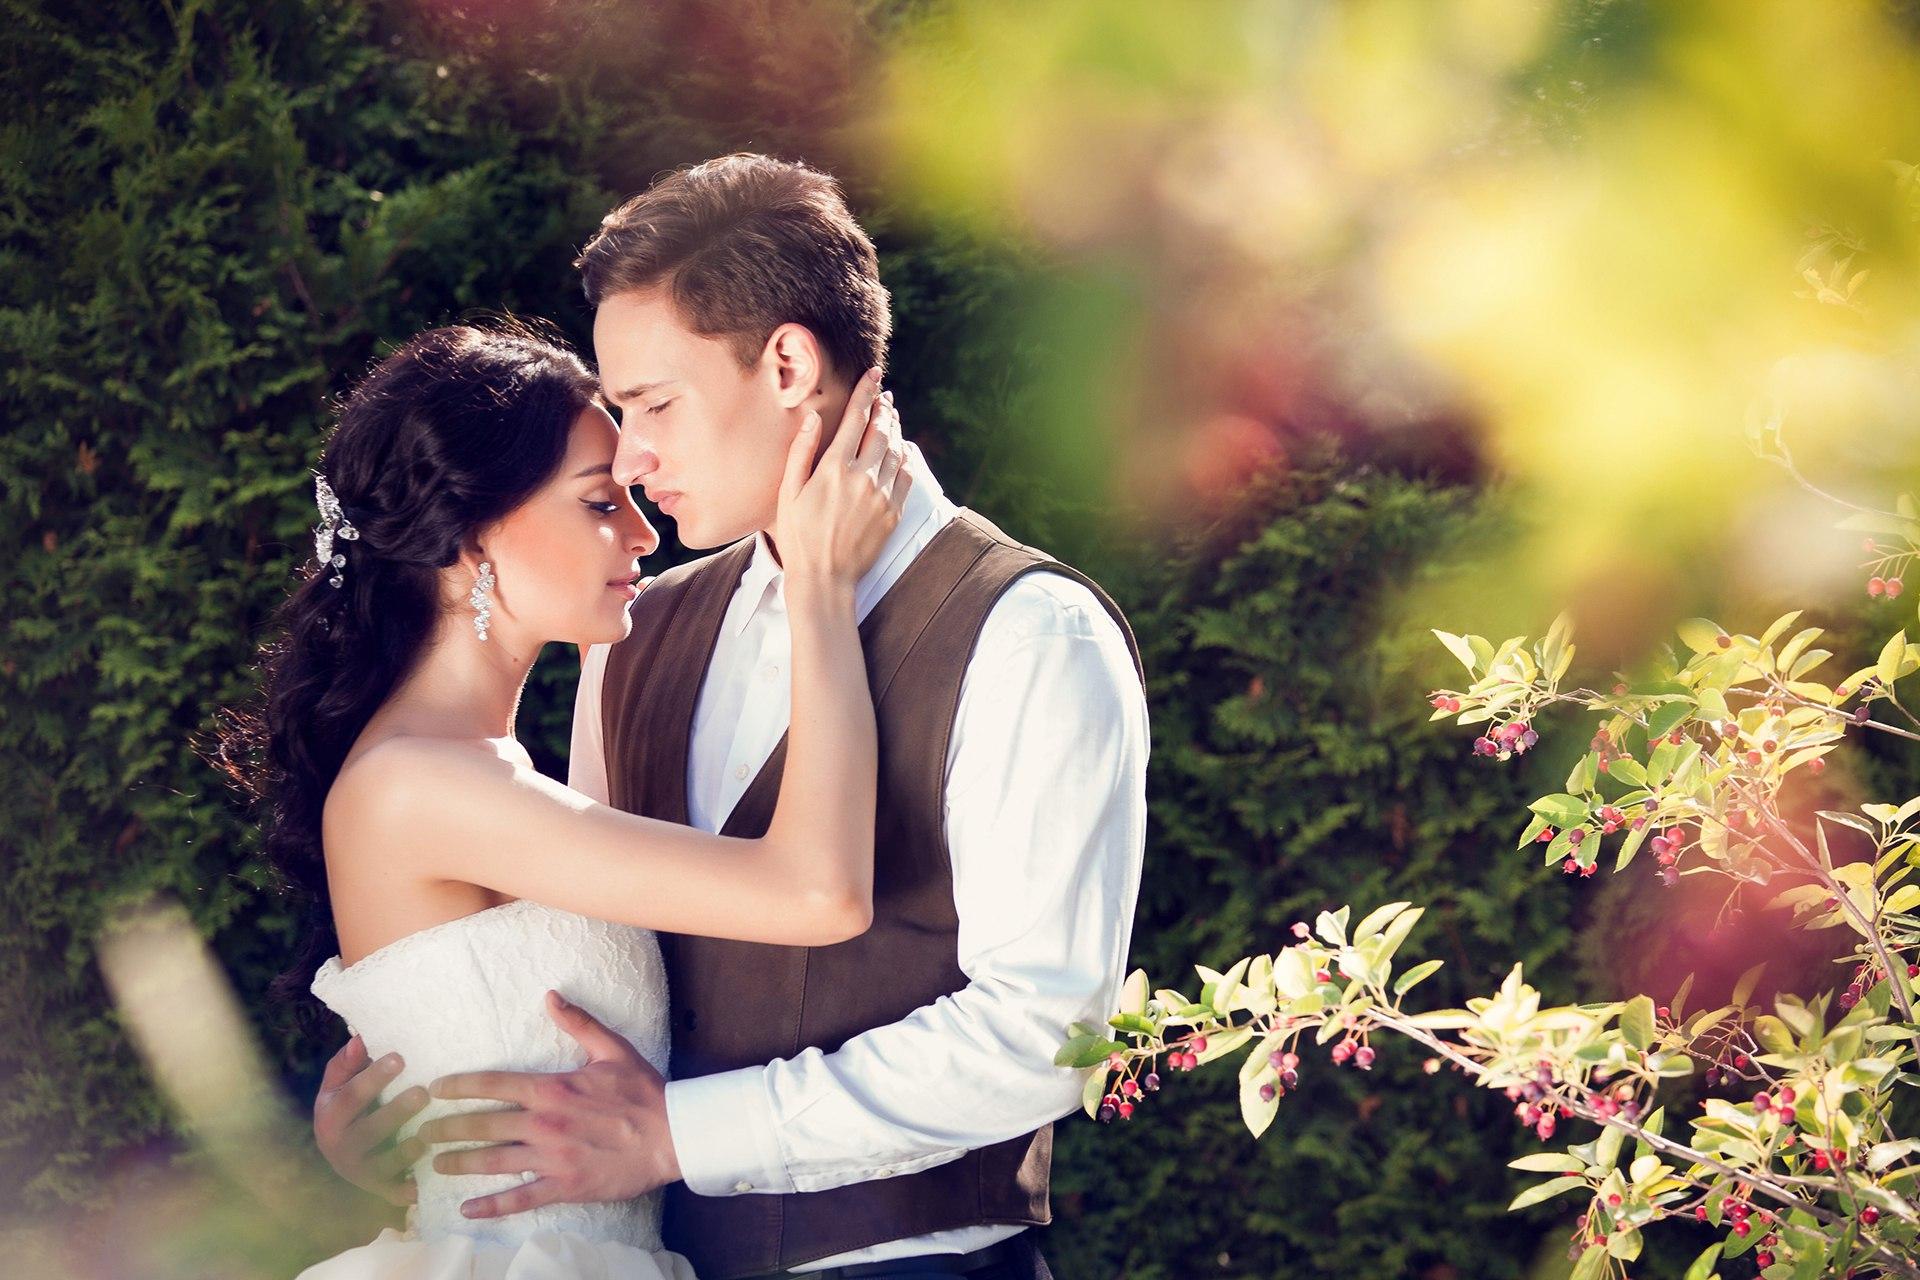 FAjO emtNXU - Что рассказать о себе свадебному фотографу